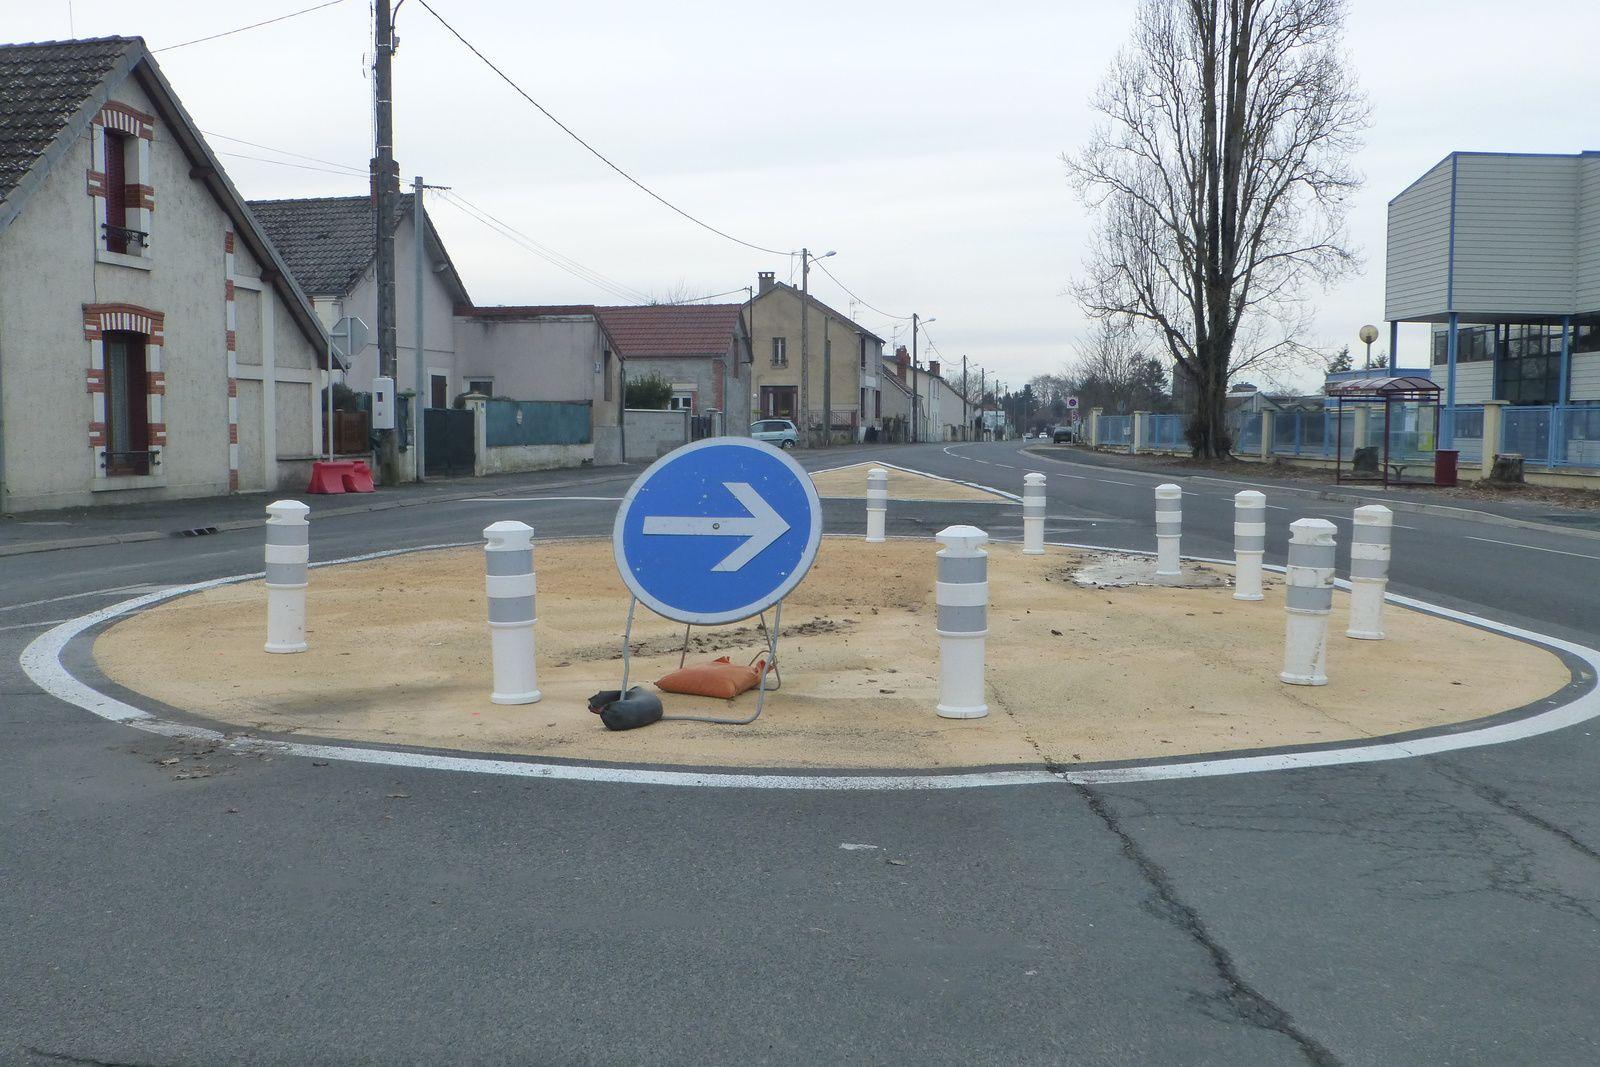 Nouveaux aménagements route de Foêcy : giratoire, stop, cédez-le-passage, dos d'âne, la totale